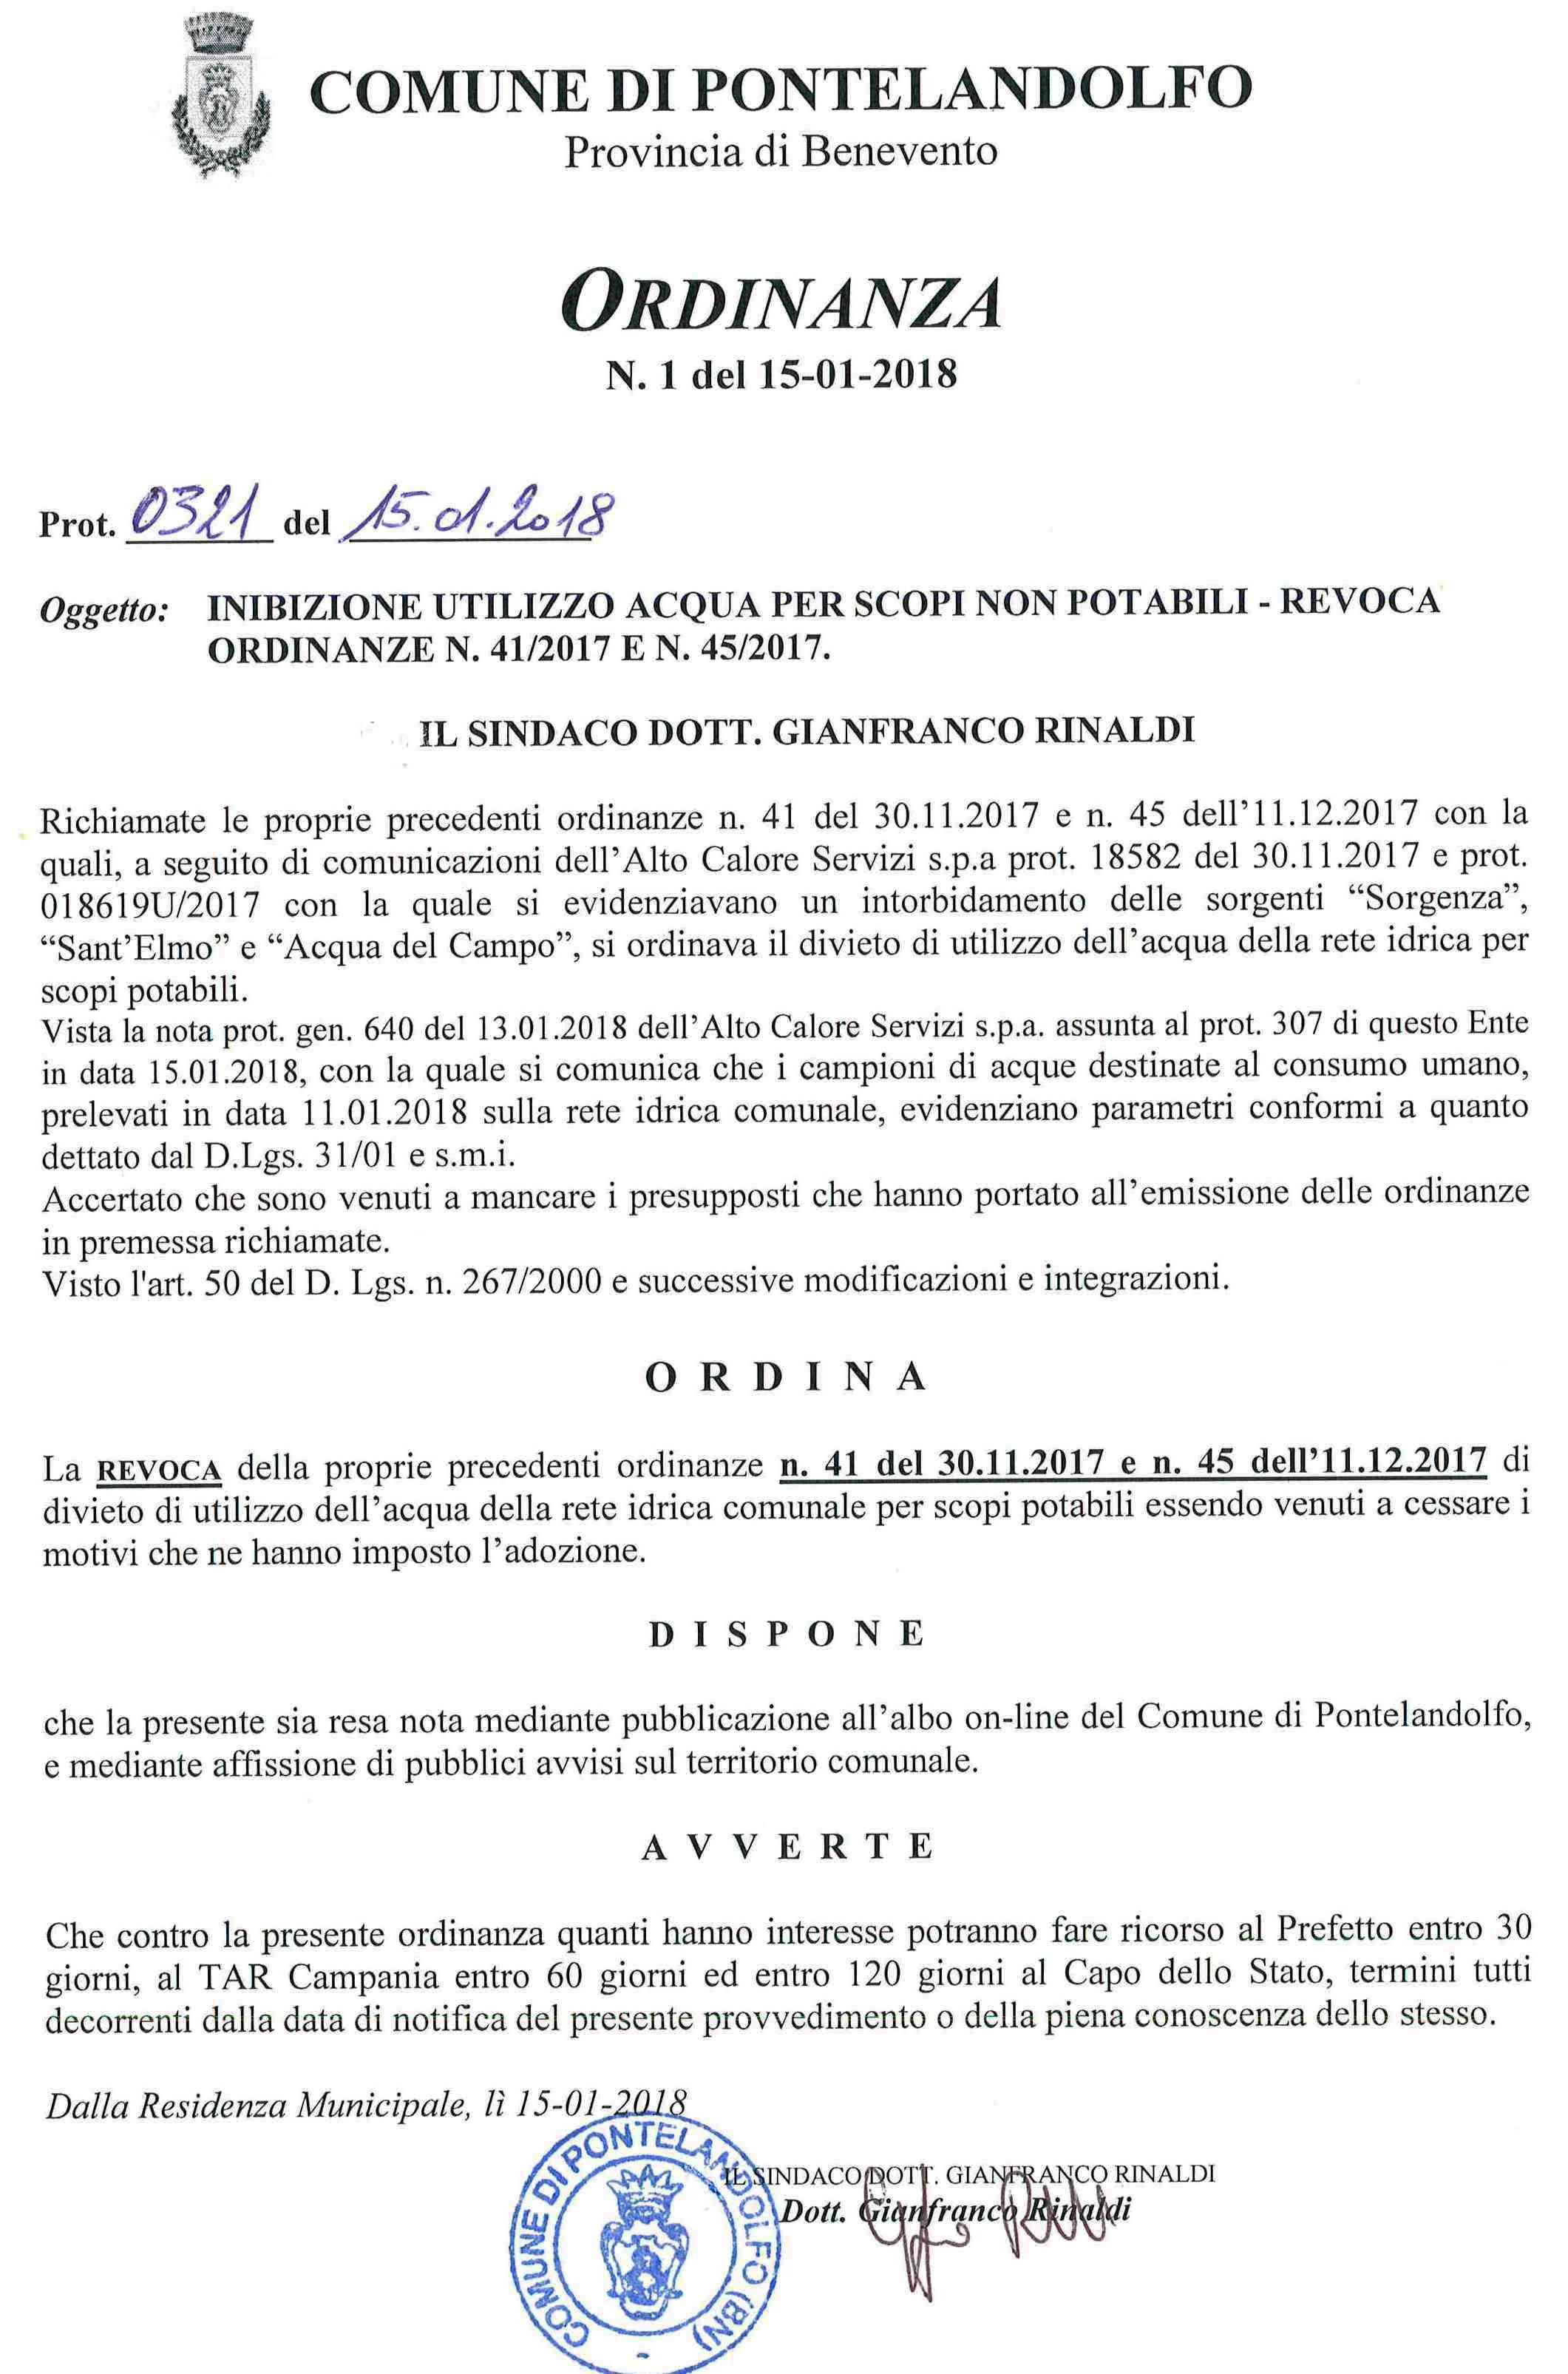 Ordinanza_revoca_1_2018